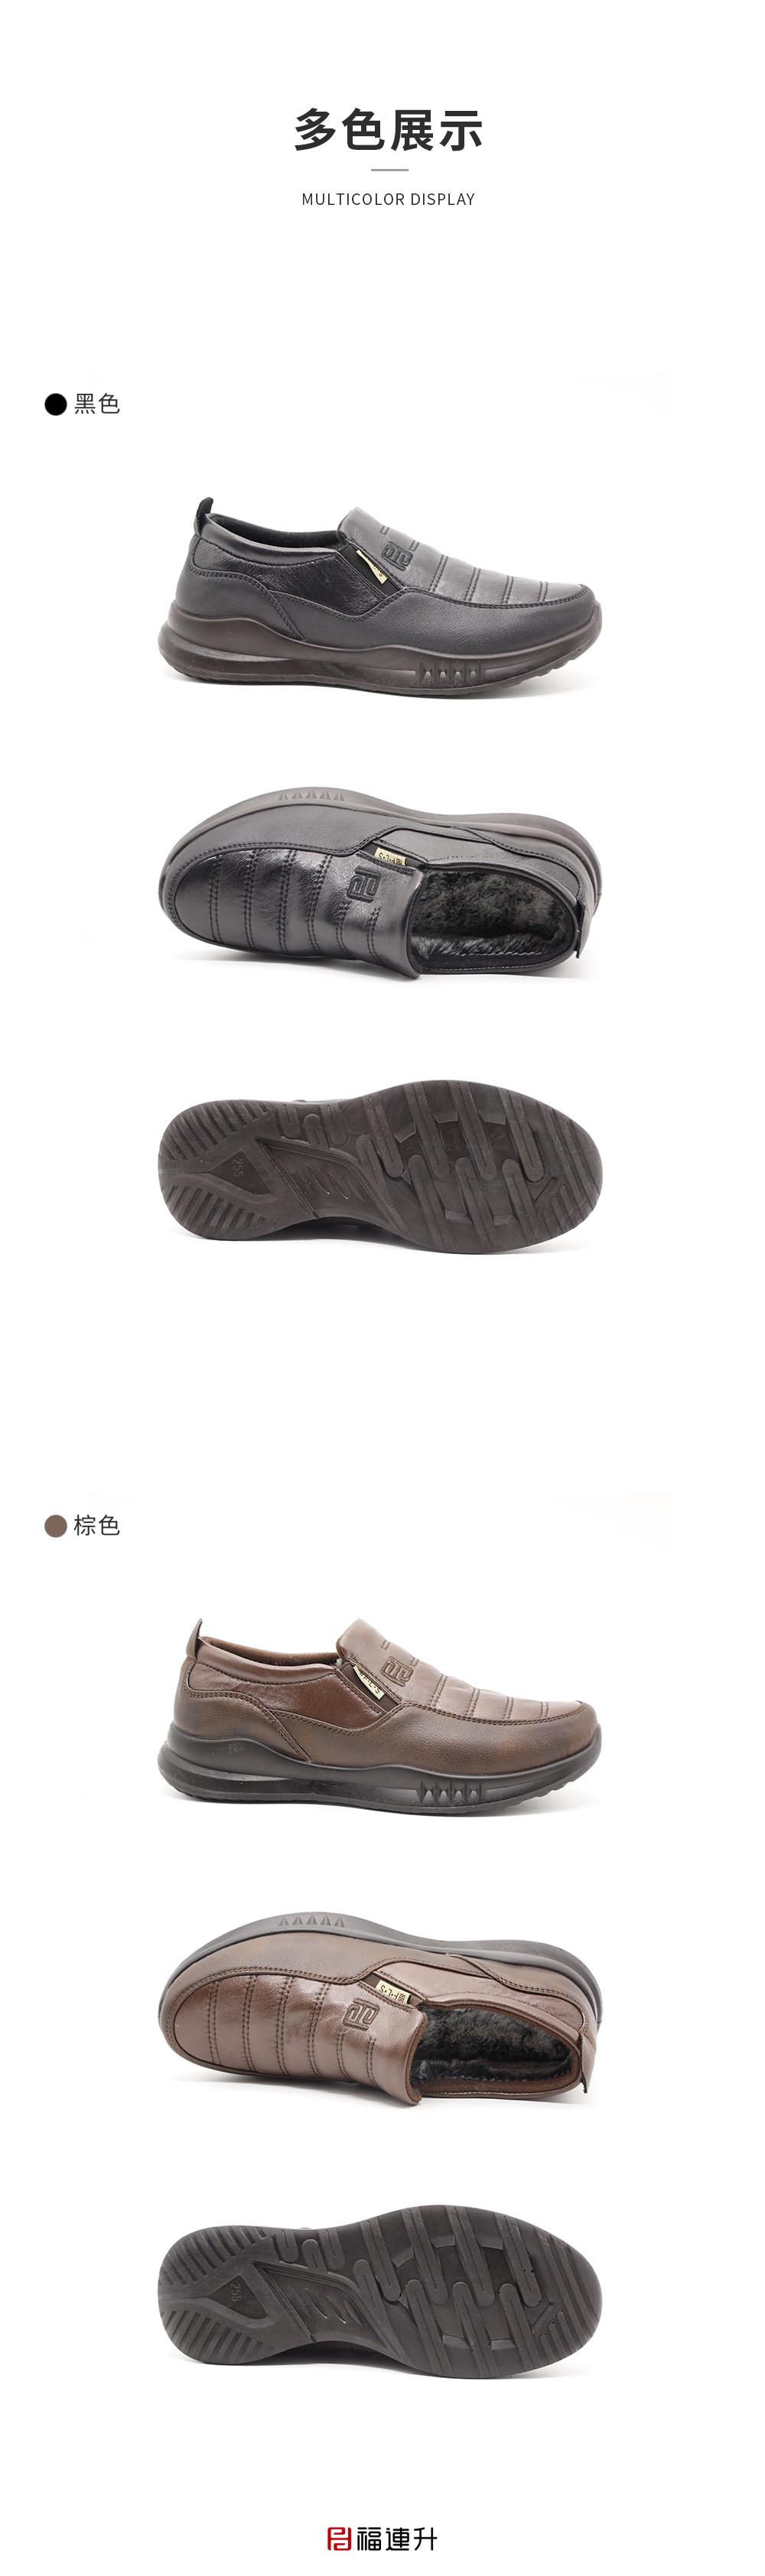 福连升冬季保暖超柔深口休闲鞋舒适平跟休闲男鞋图片